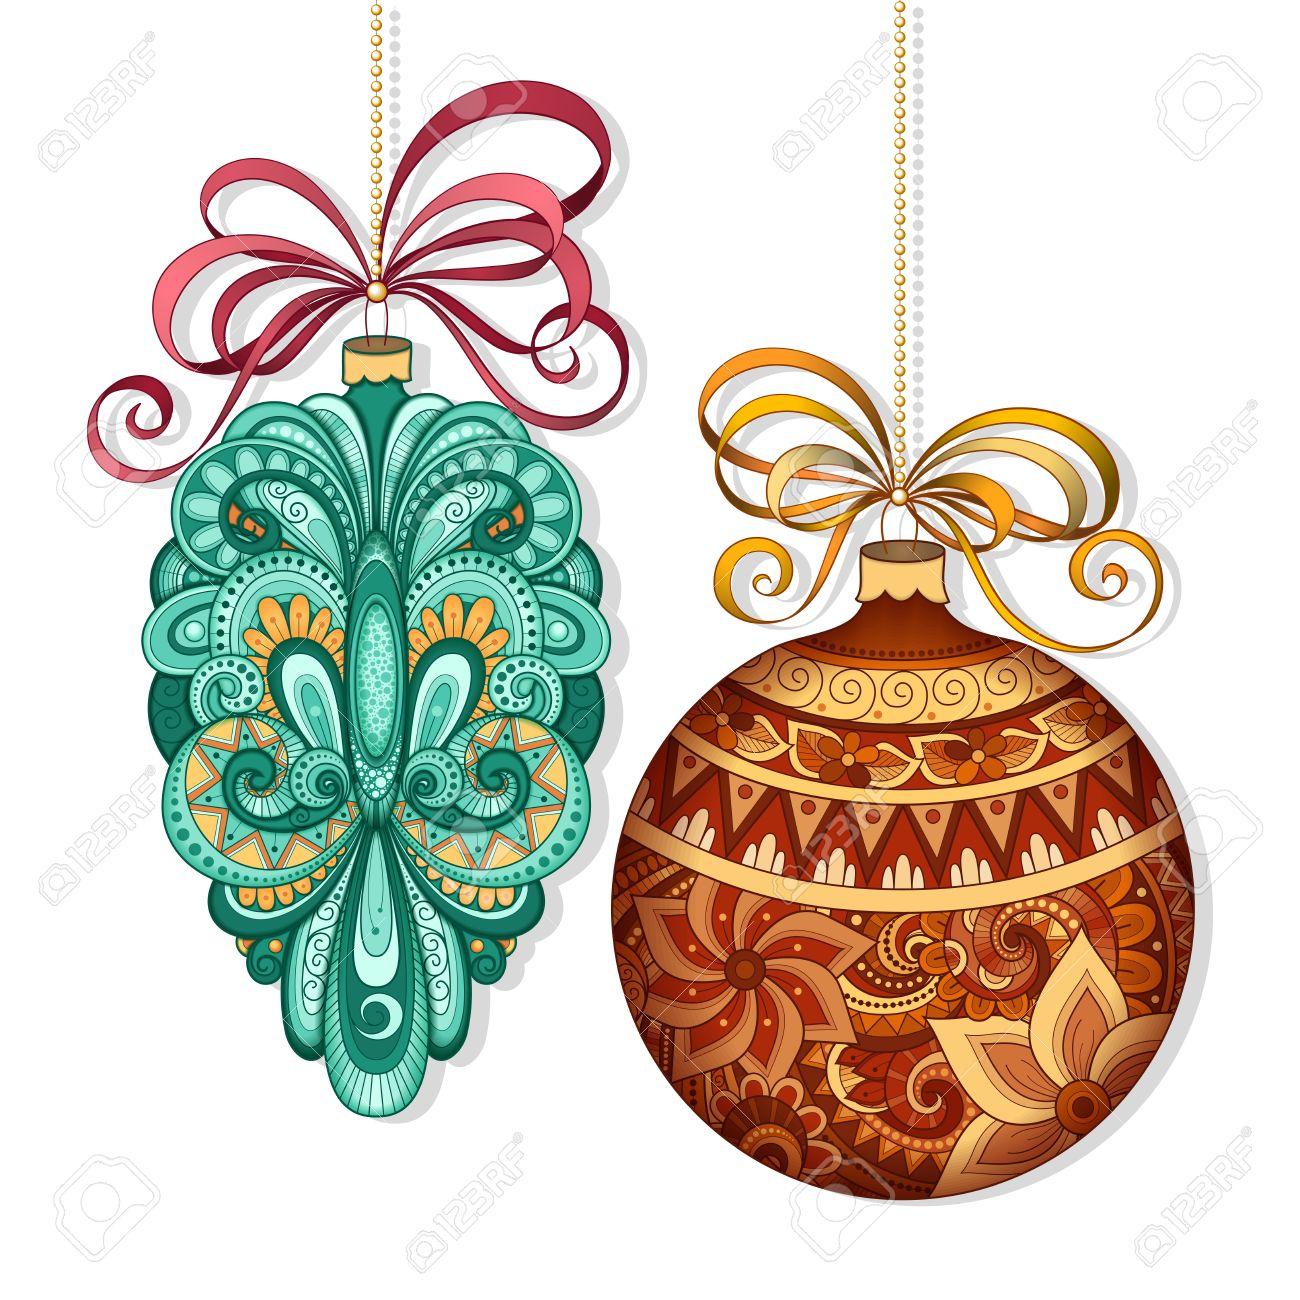 Vector Adornado De Colores Decoraciones De Navidad Objetos Con